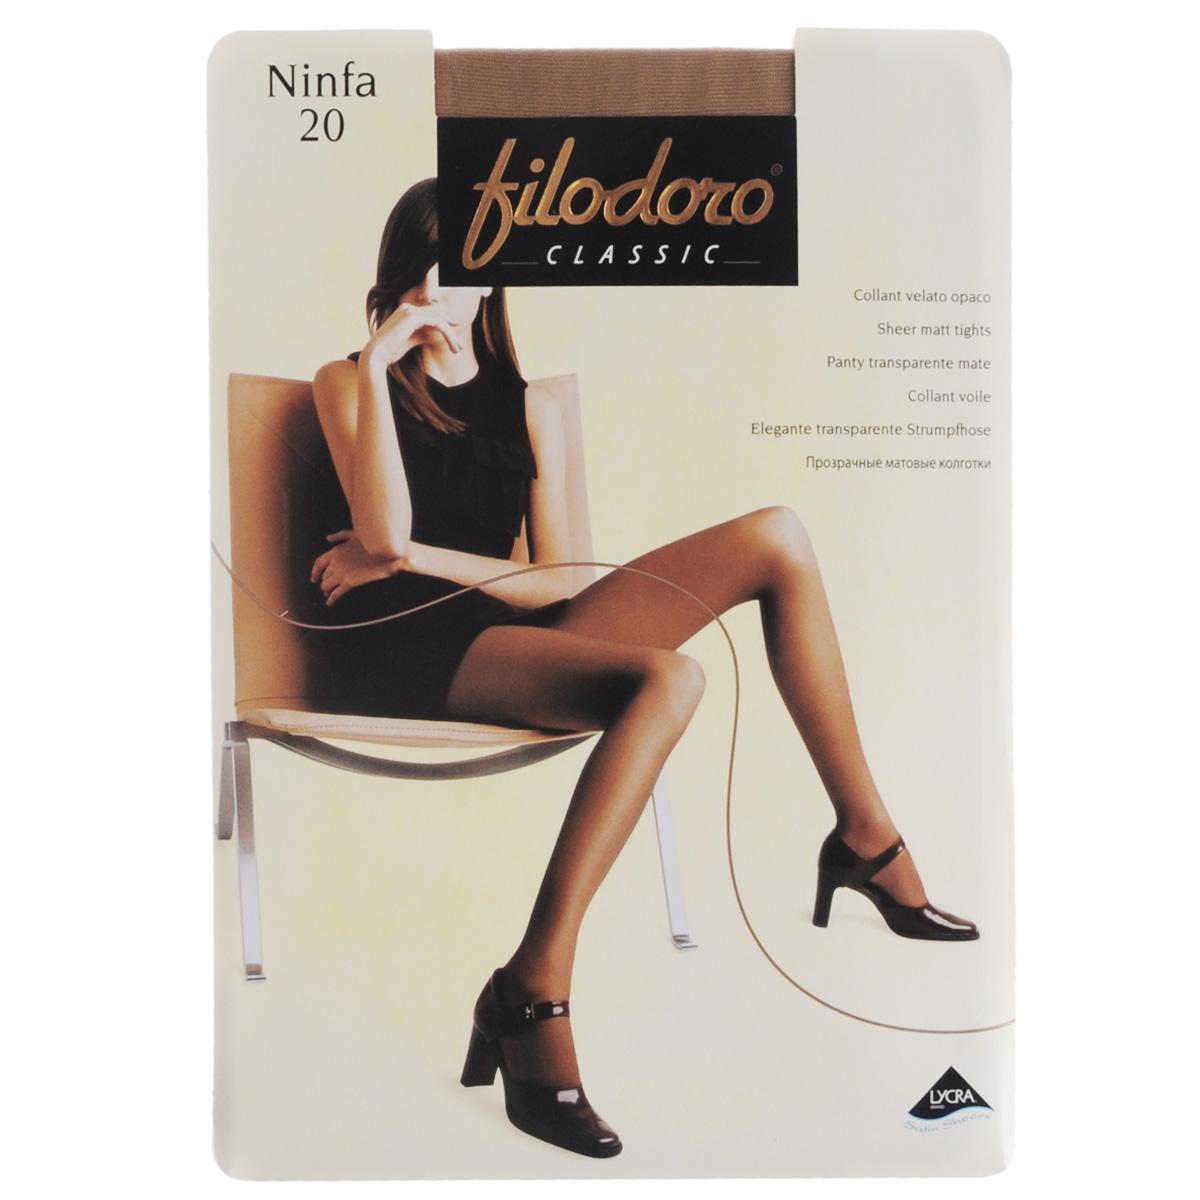 Колготки женские Filodoro Classic Ninfa 20, цвет: Cognac (загар). C109172FC. Размер 5 (Maxi-XL) колготки filodoro ninfa размер 2 плотность 40 den vita bassa playa